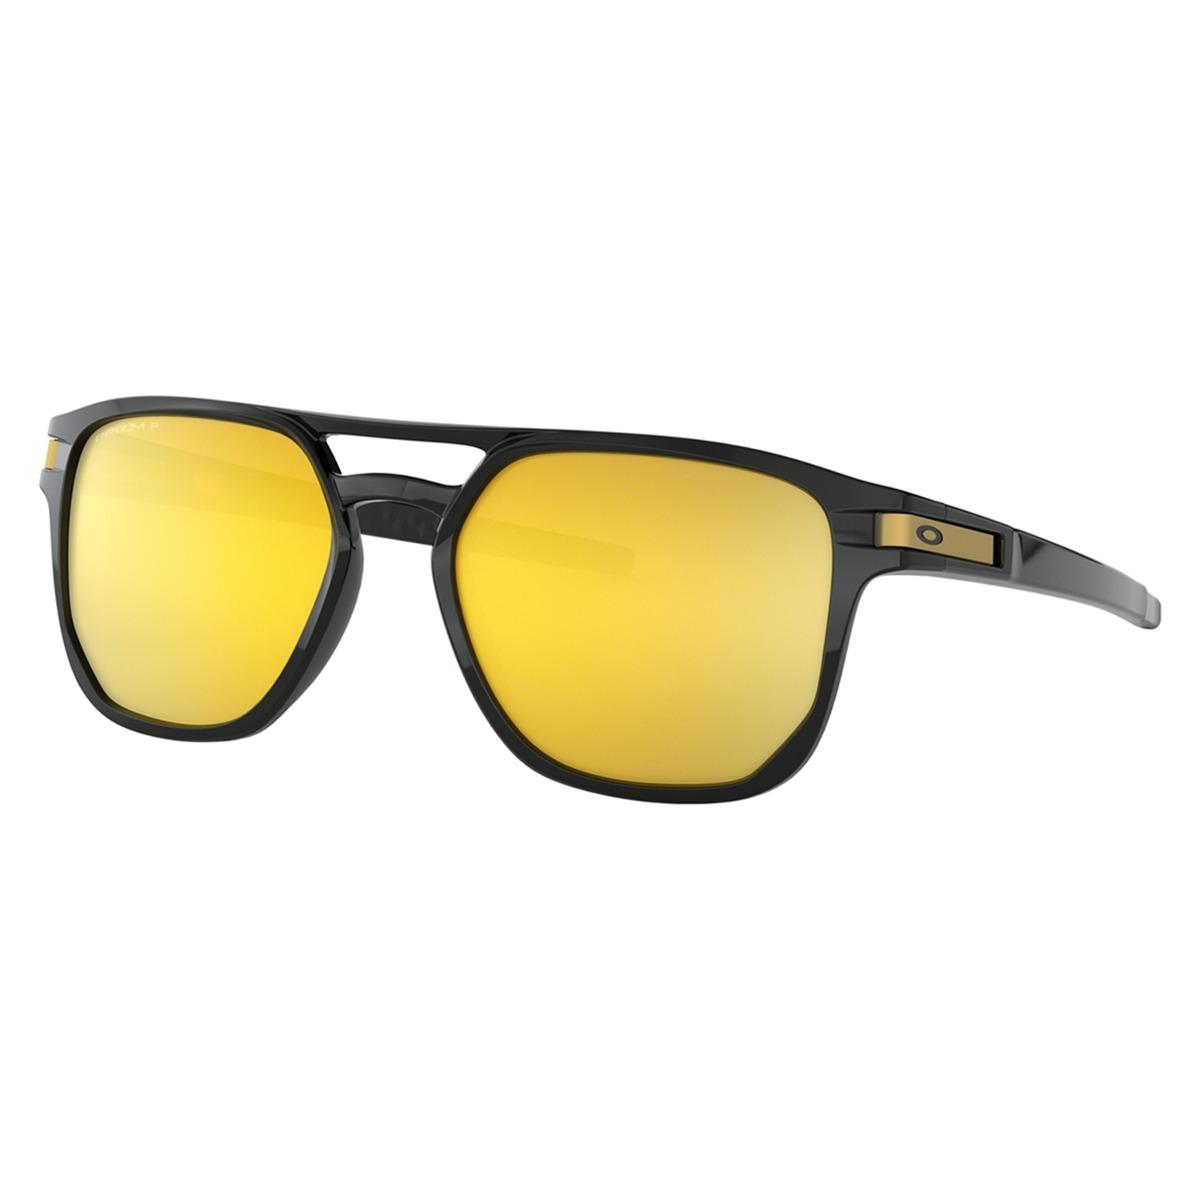 89c0f824834e0 Óculos Oakley Latch Beta Prizm Preto - R  680,00 em Mercado Livre